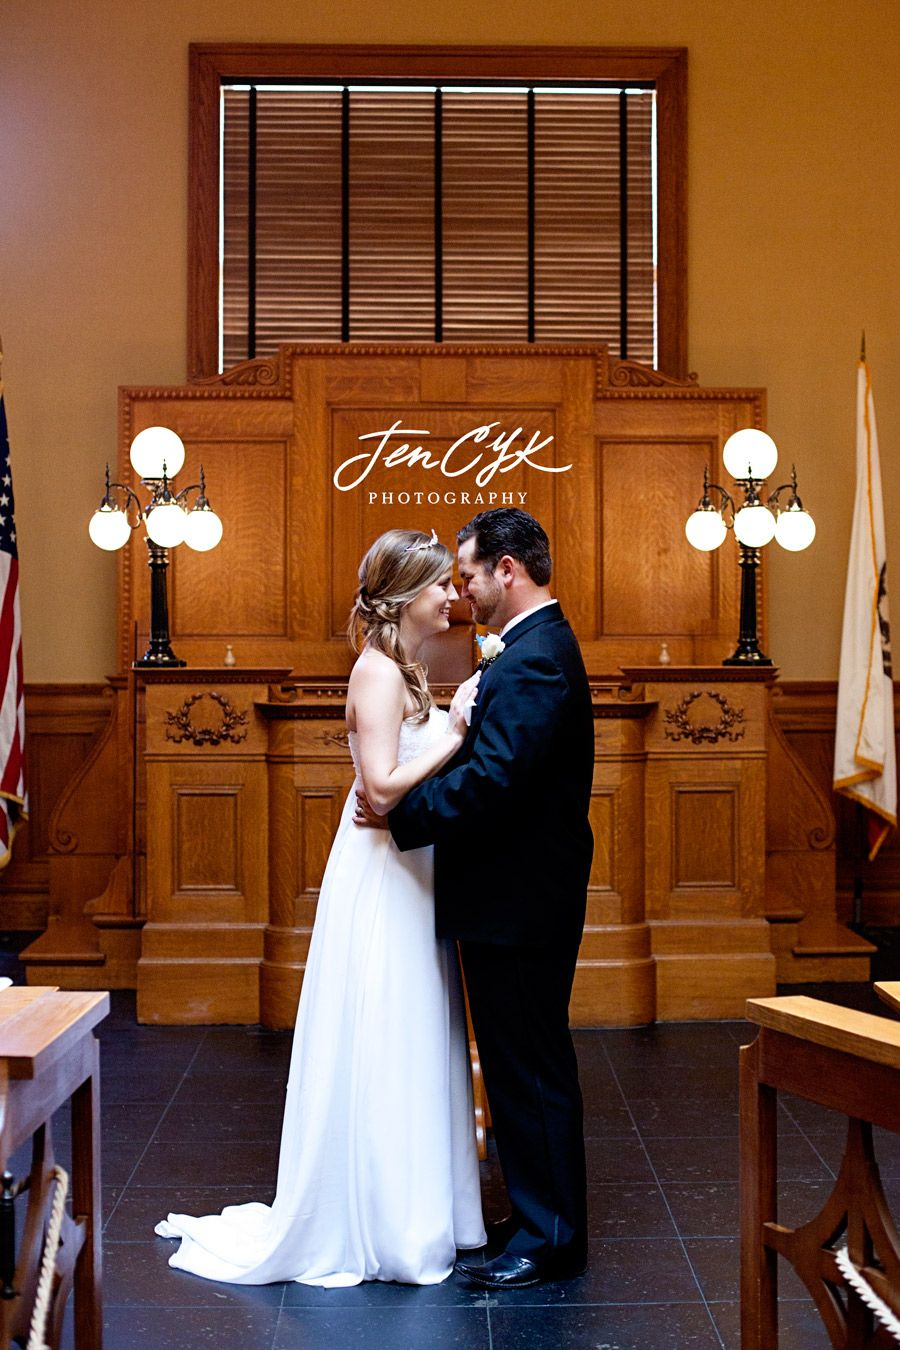 Santa Ana Courthouse Wedding 4